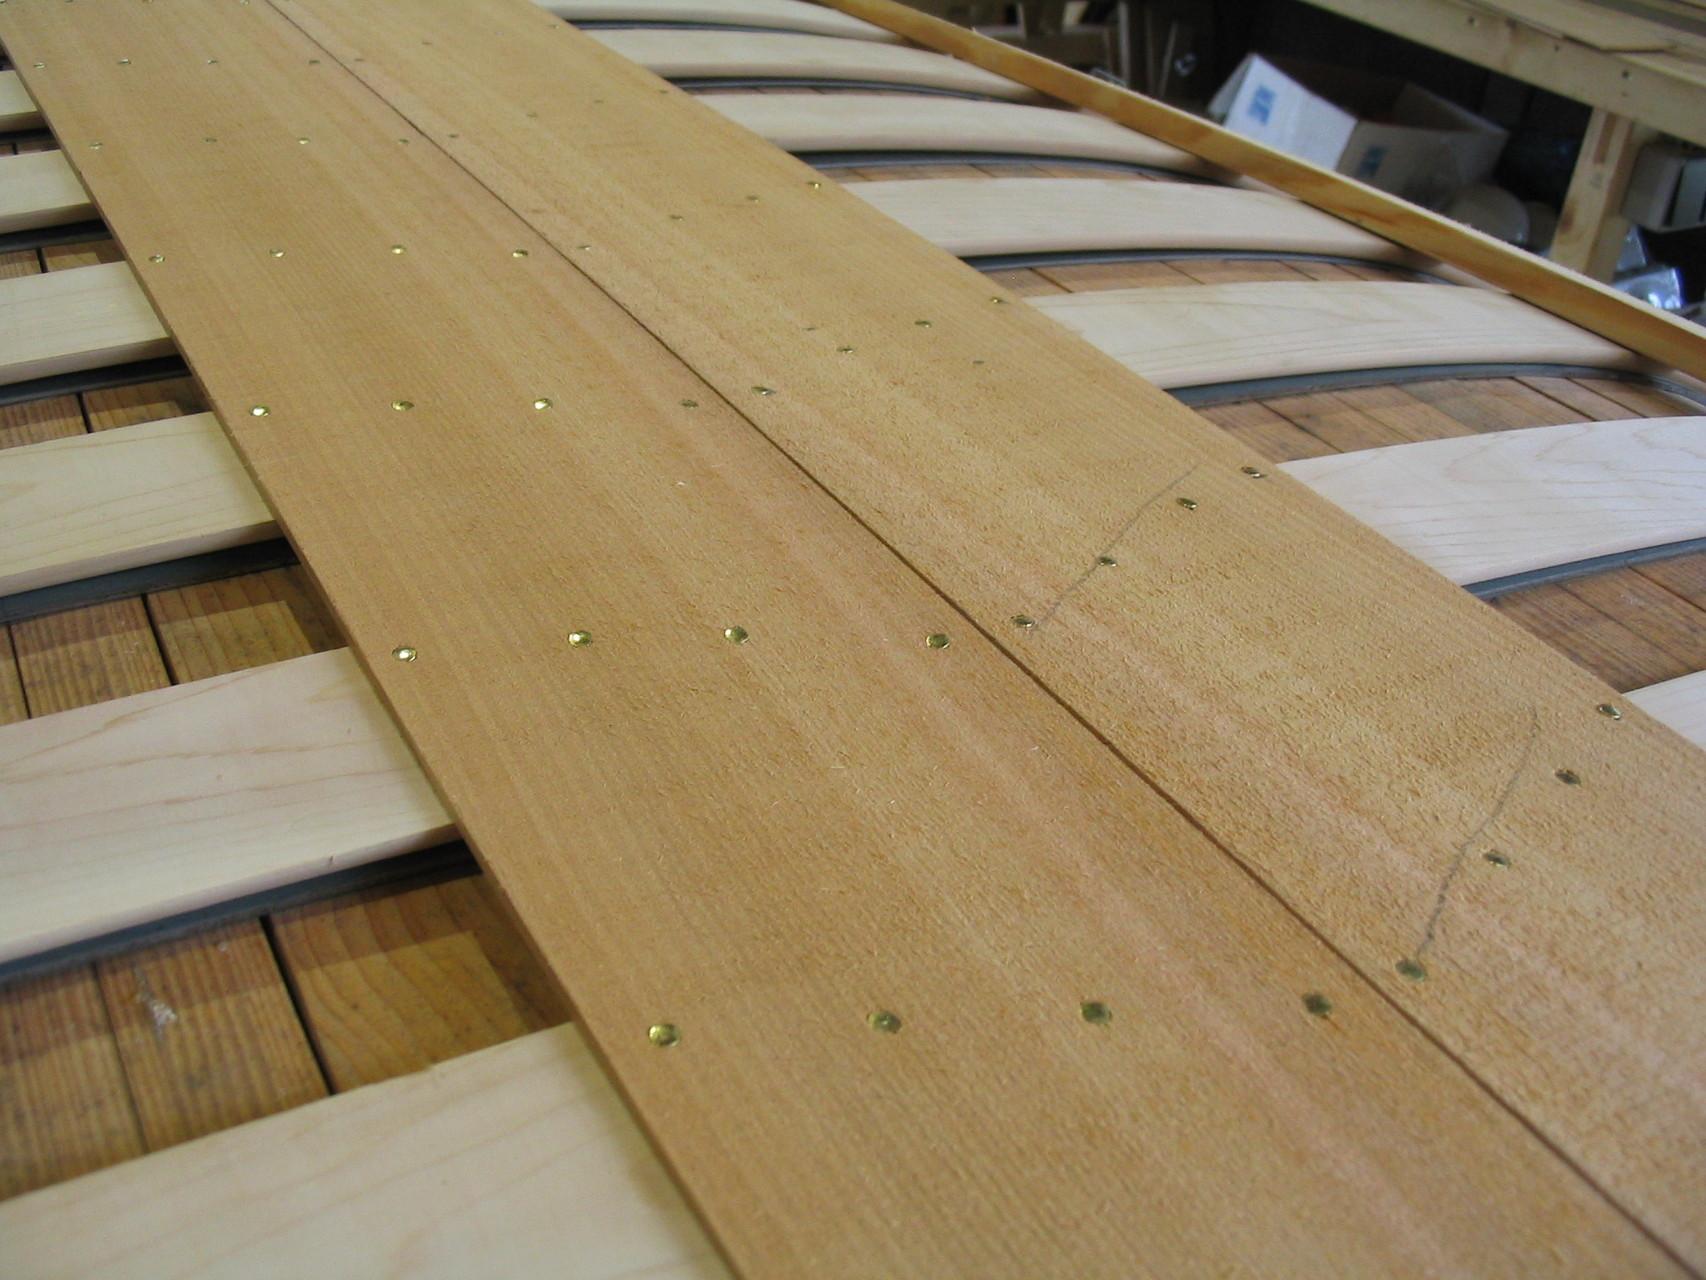 Das Anbringen der Planken gehört wohl zu den schönsten Aufgaben. Hier wird deutlich, wie die enorme Haltbarkeit zustande kommt. Die Nägel werden in gleichmäßigen Abständen durch Planke und Rippe eingeschlagen, sodass sie sich auf dem Stahlband umbiegen.